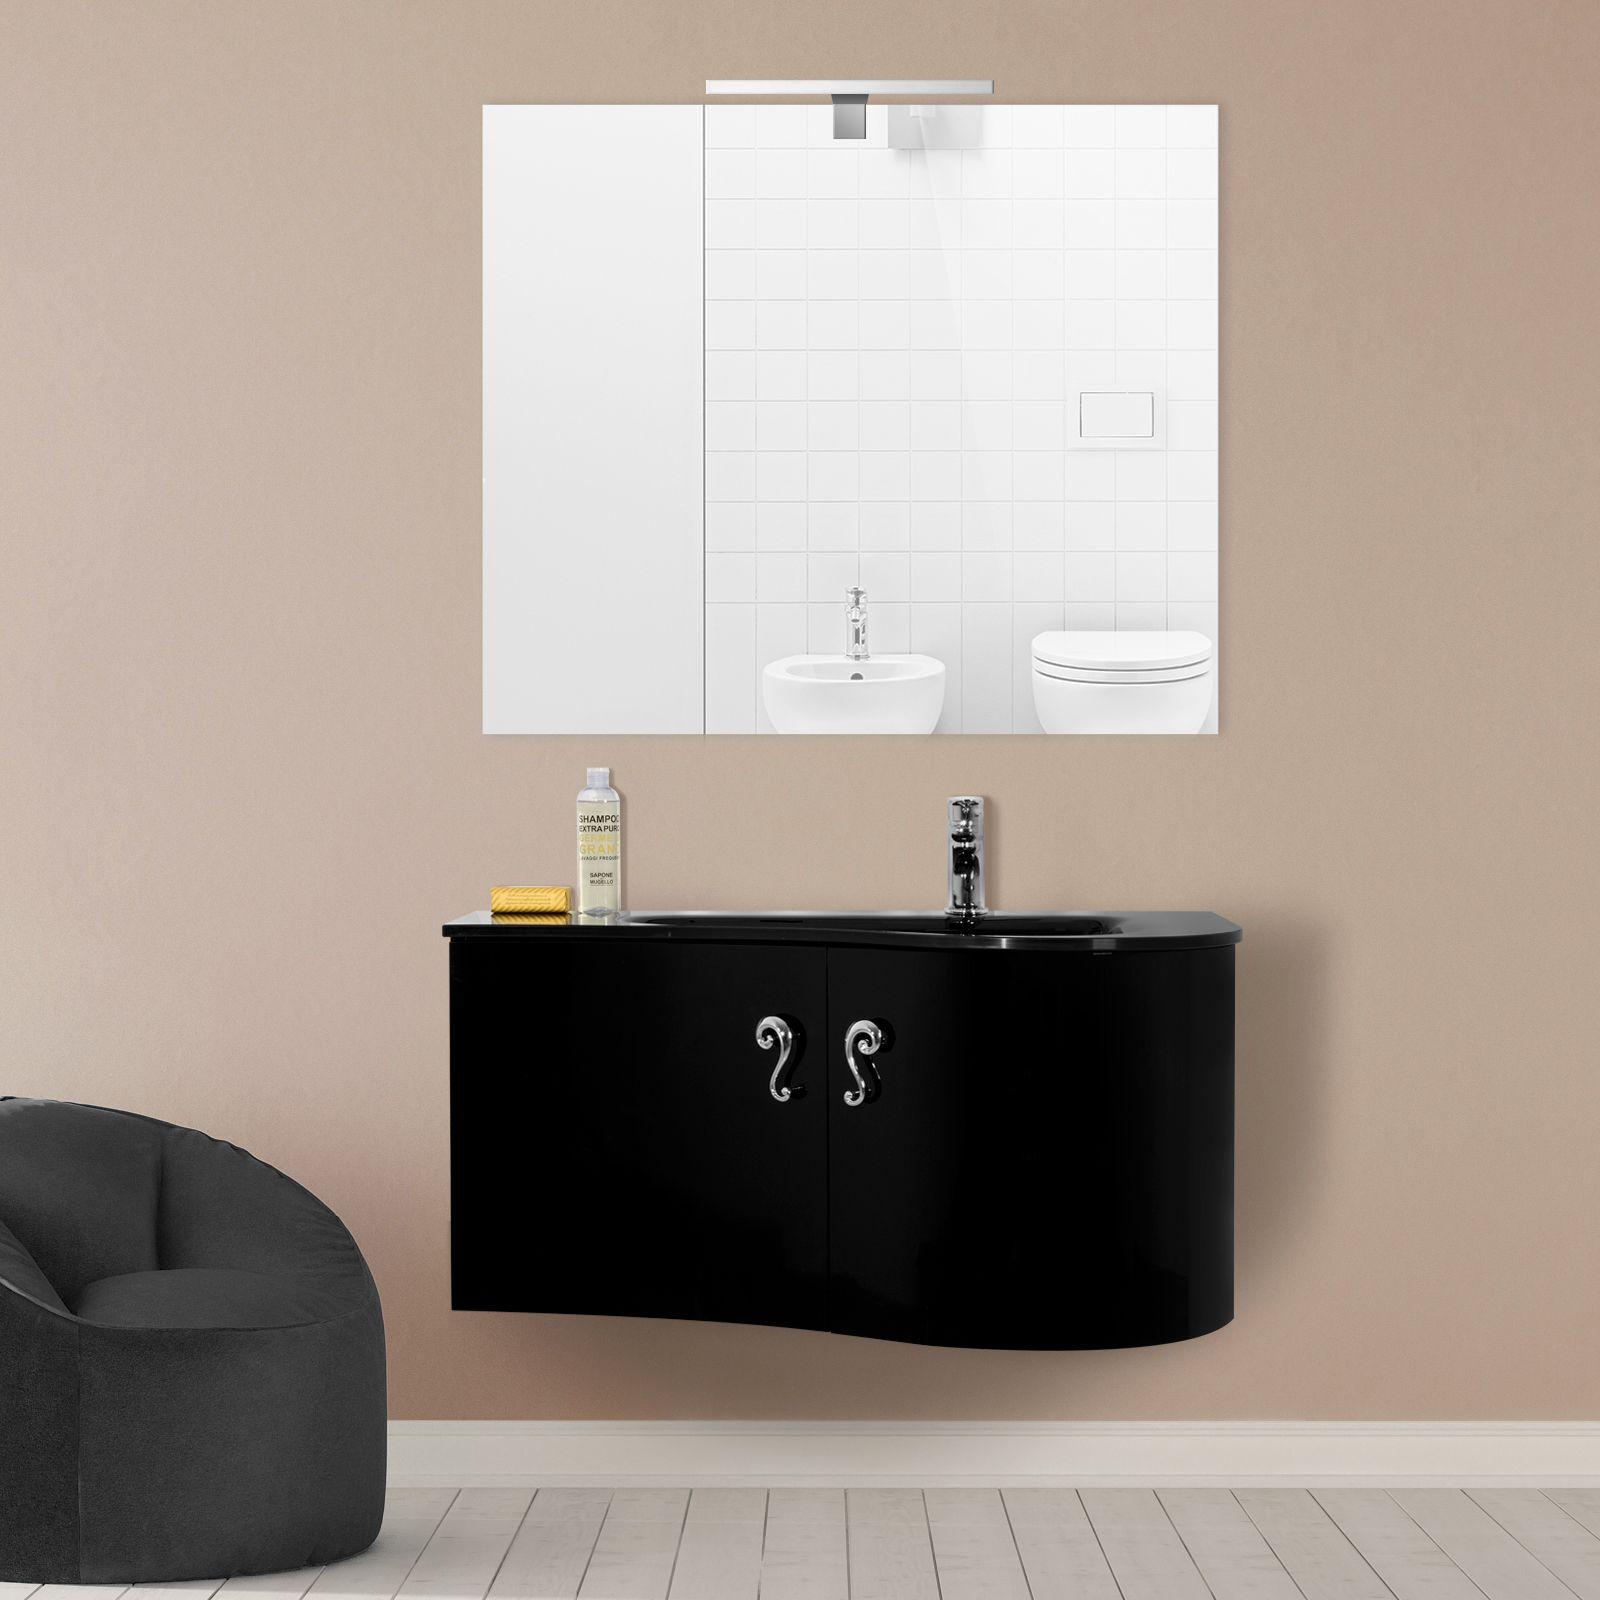 mobile arredo bagno 90 cm lavabo cristallo decentrato in 7 colori mdf go ebay. Black Bedroom Furniture Sets. Home Design Ideas